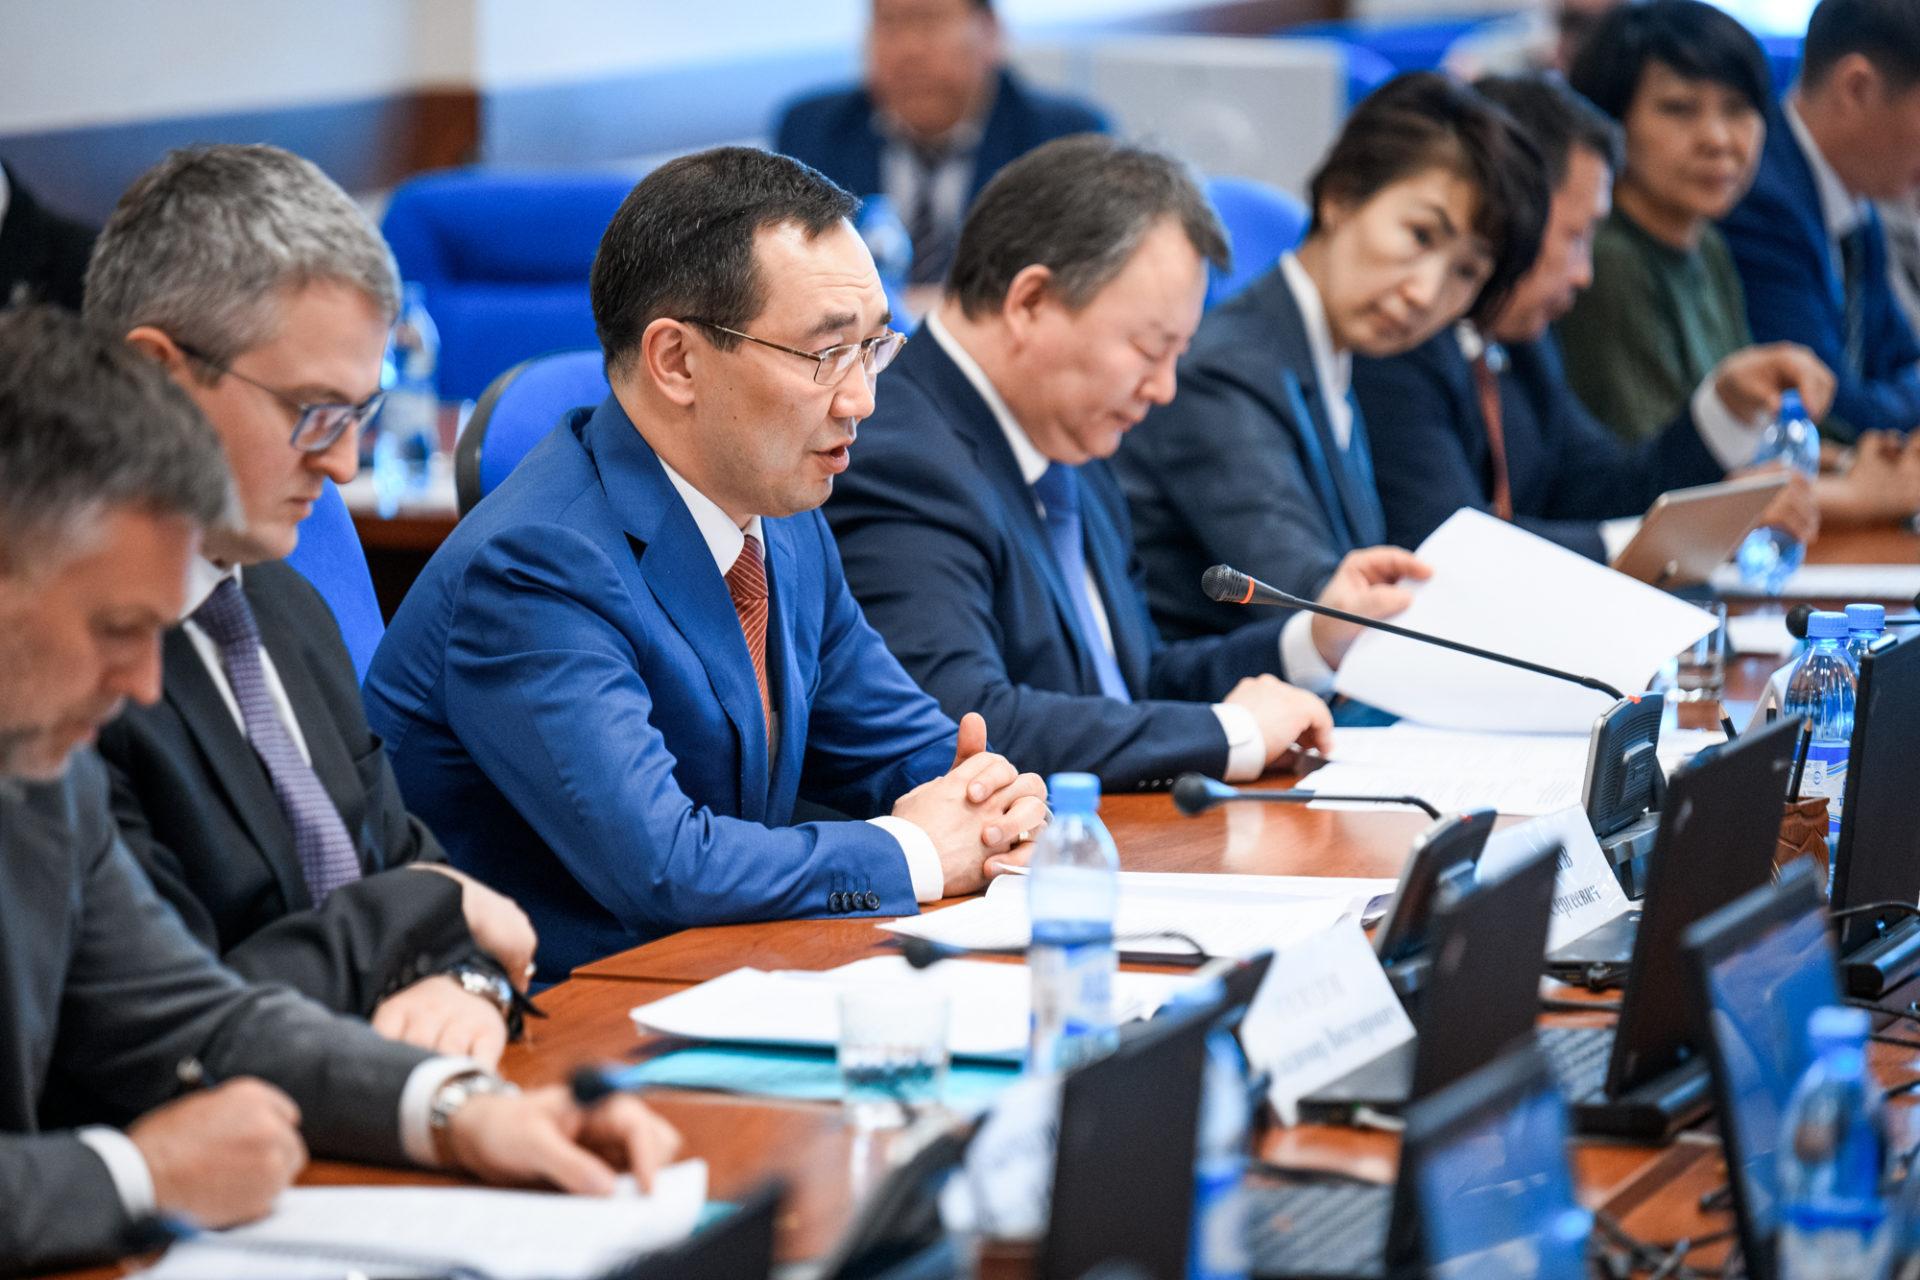 Айсен Николаев и Константин Цицин обсудили реализацию второго этапа программы по переселению граждан из аварийного жилья